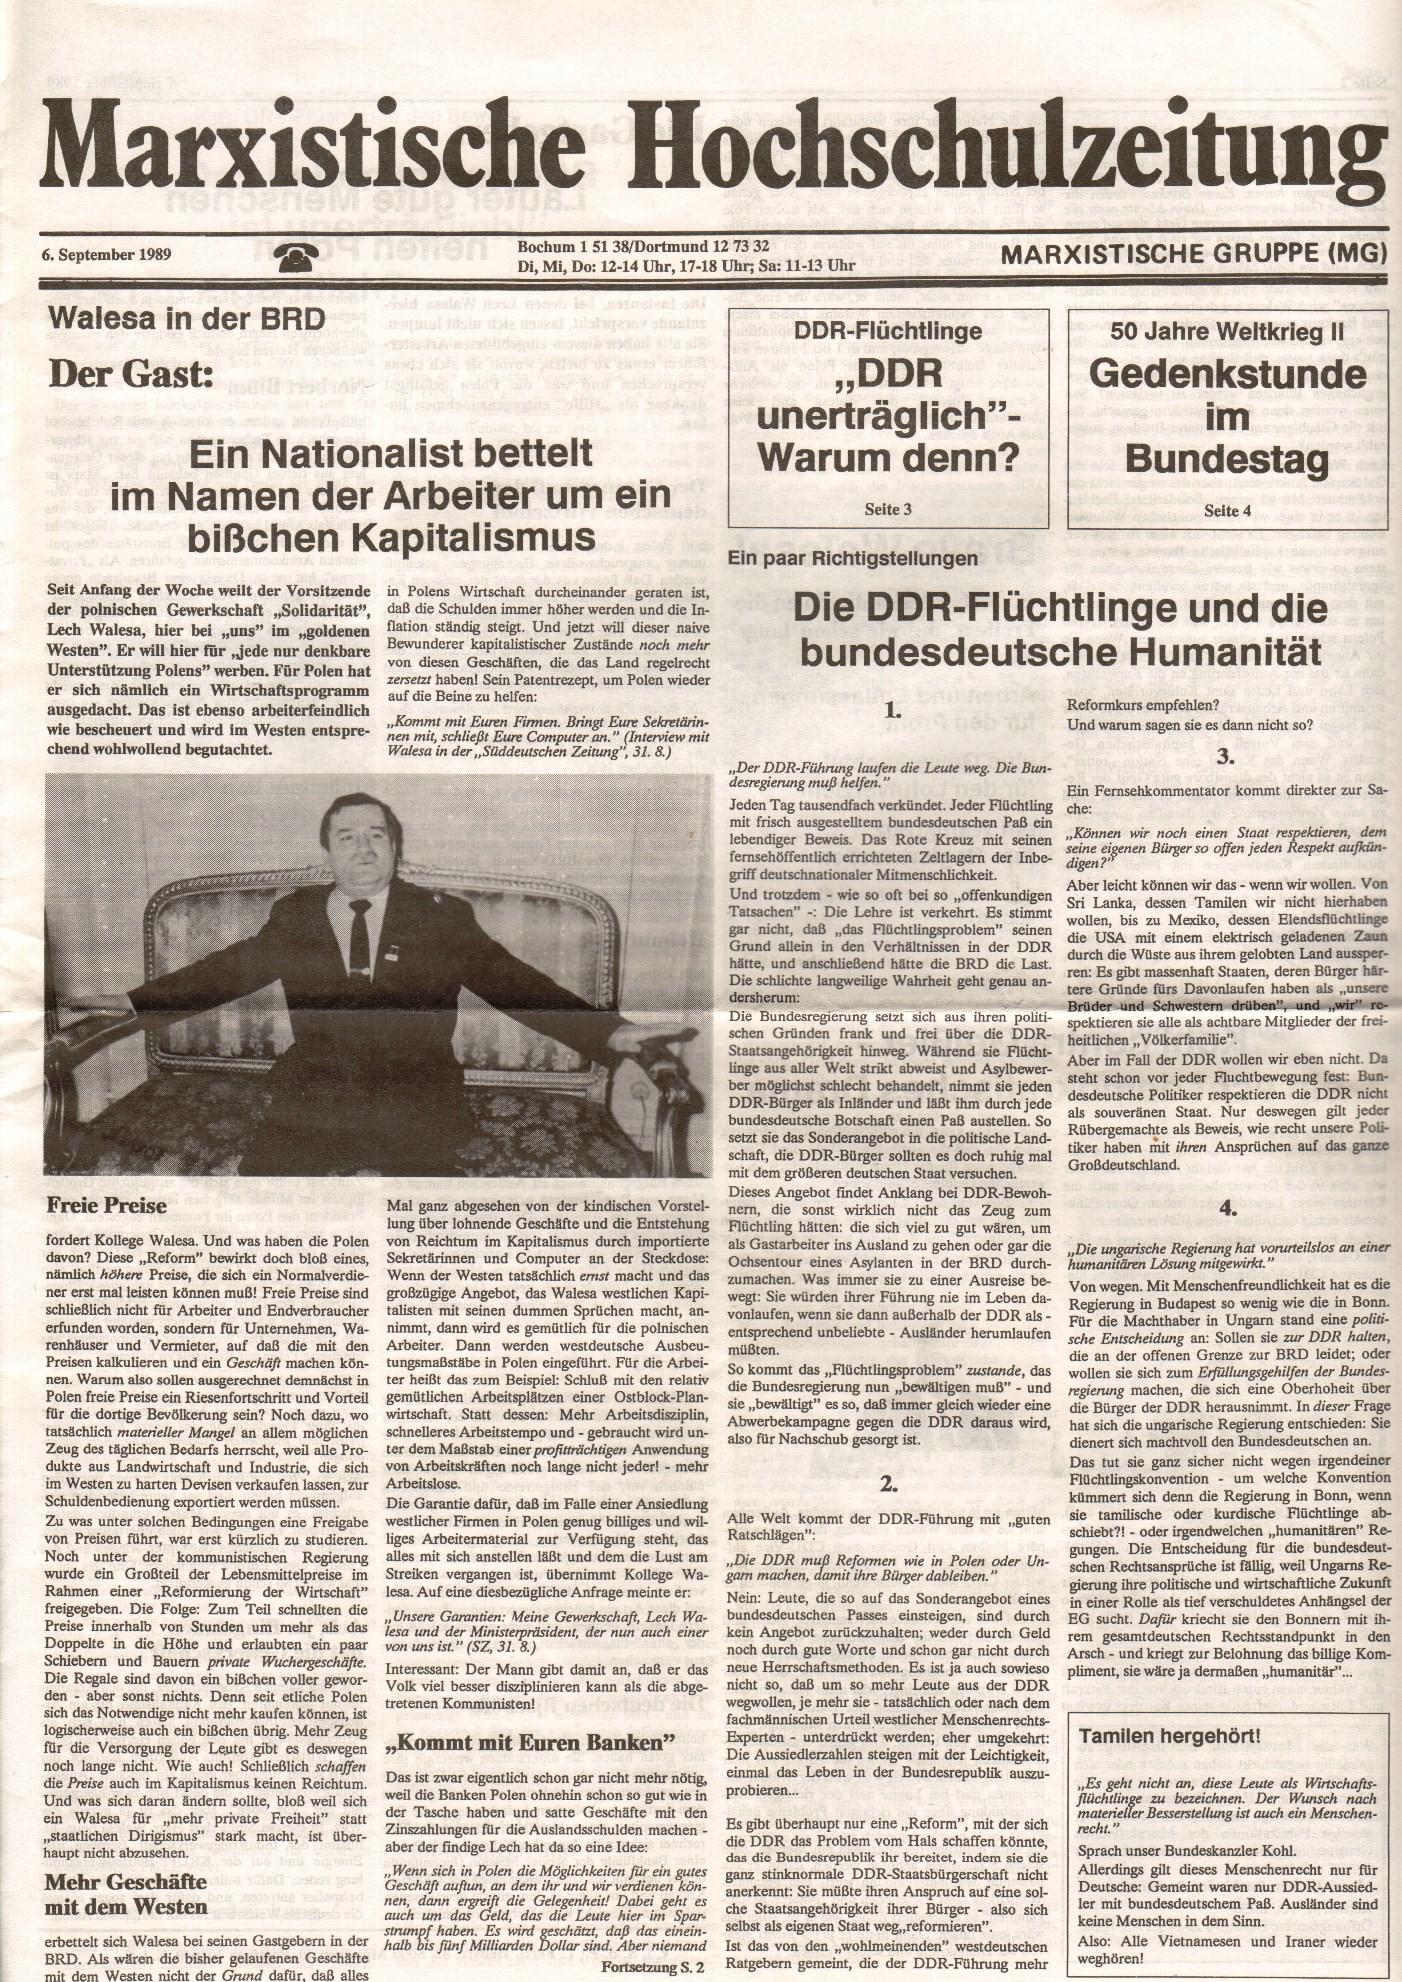 Ruhrgebiet_MG_Marxistische_Hochschulzeitung_19890906_01